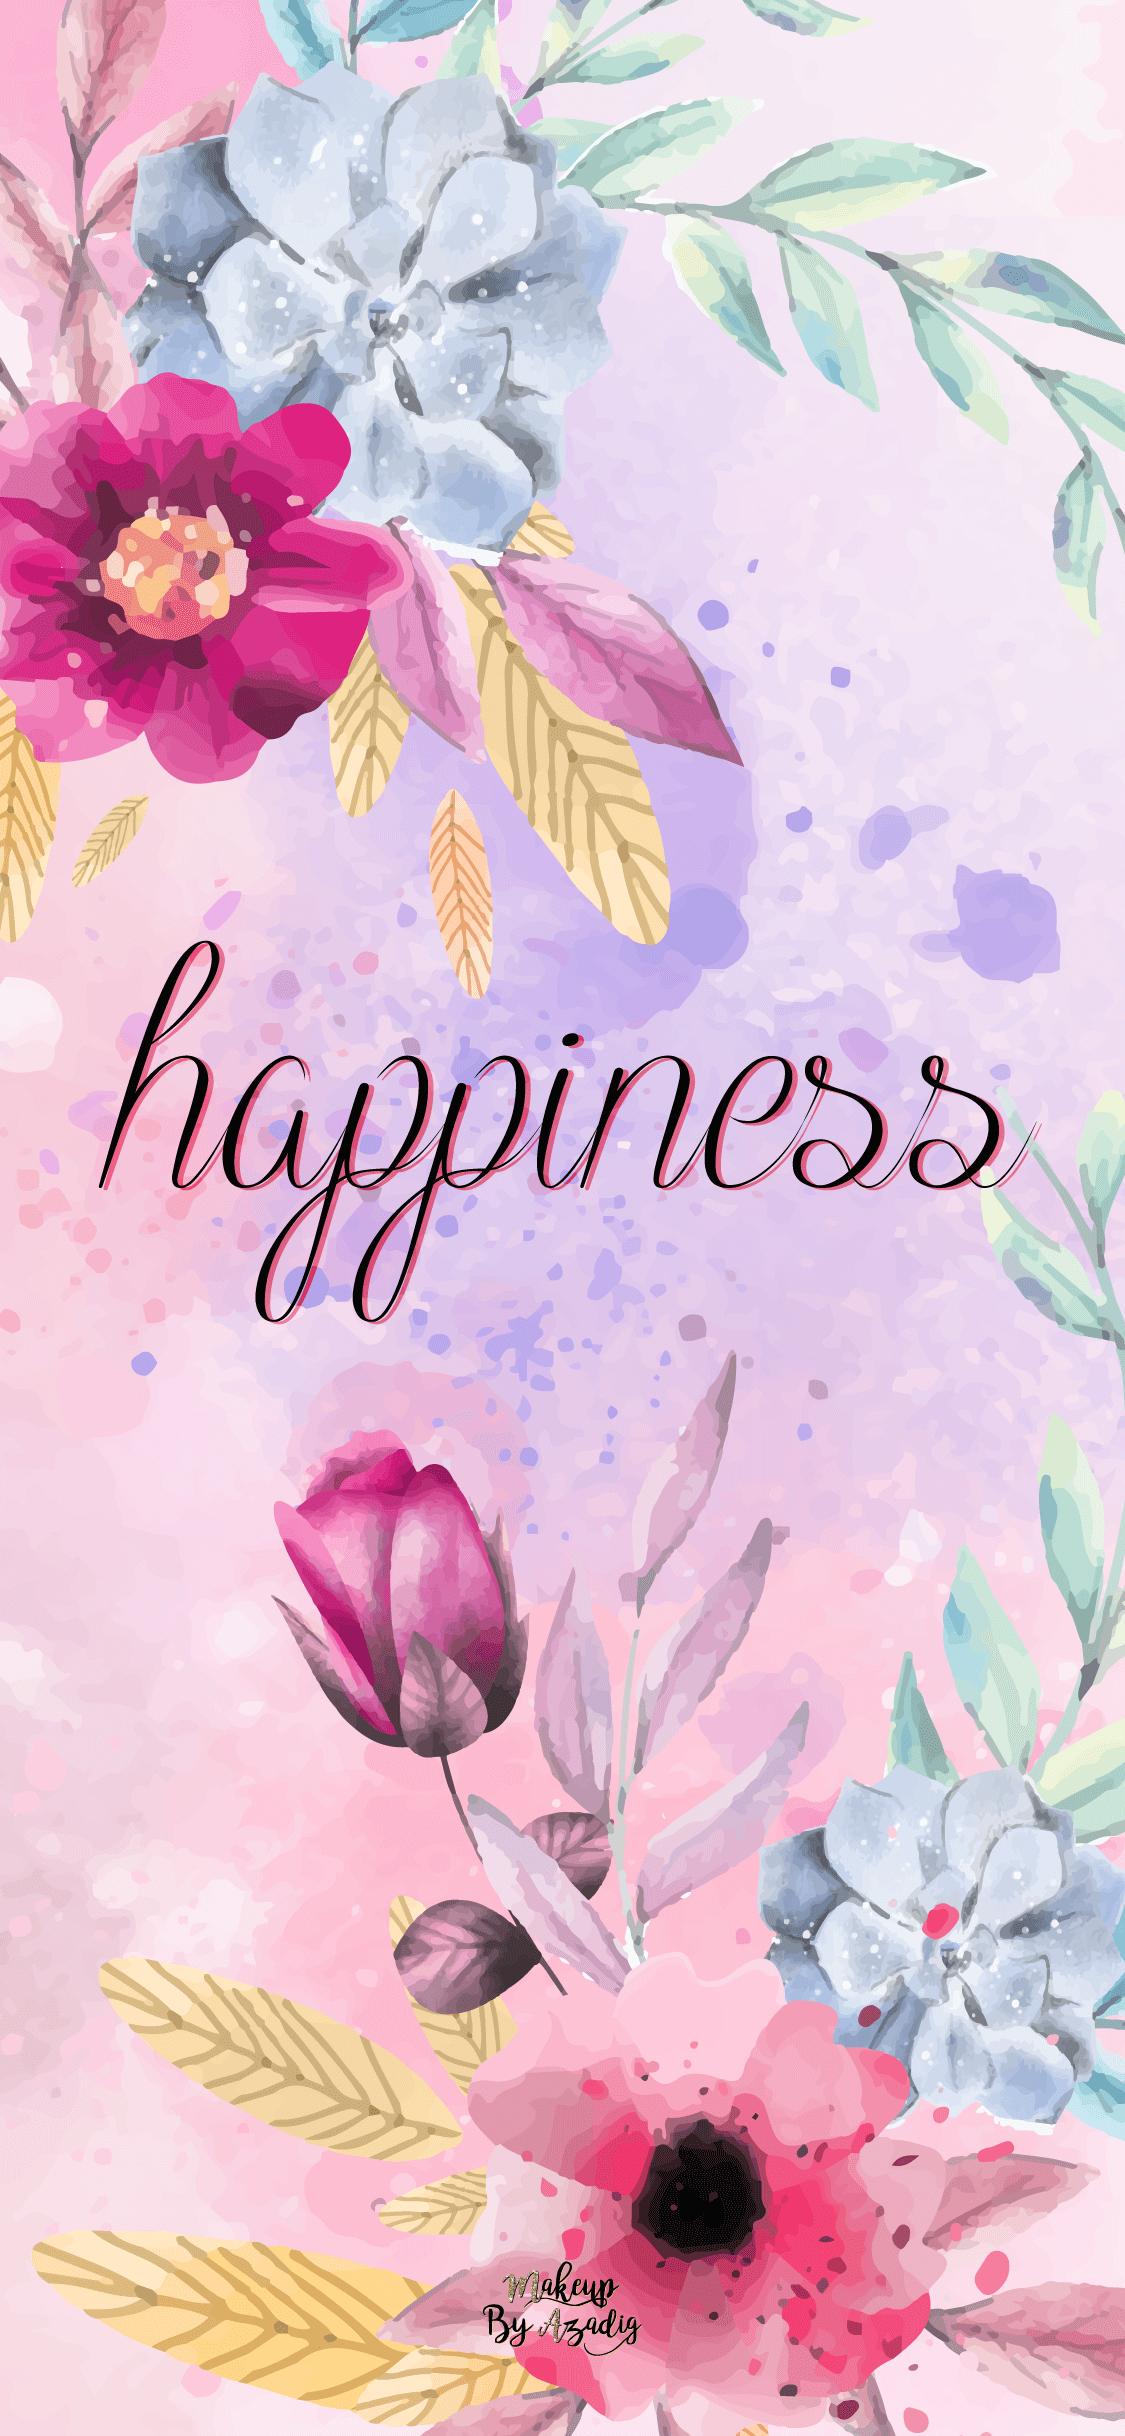 fond-decran-wallpaper-happiness-bonheur-joie-iphone-X-makeupbyazadig-tendance